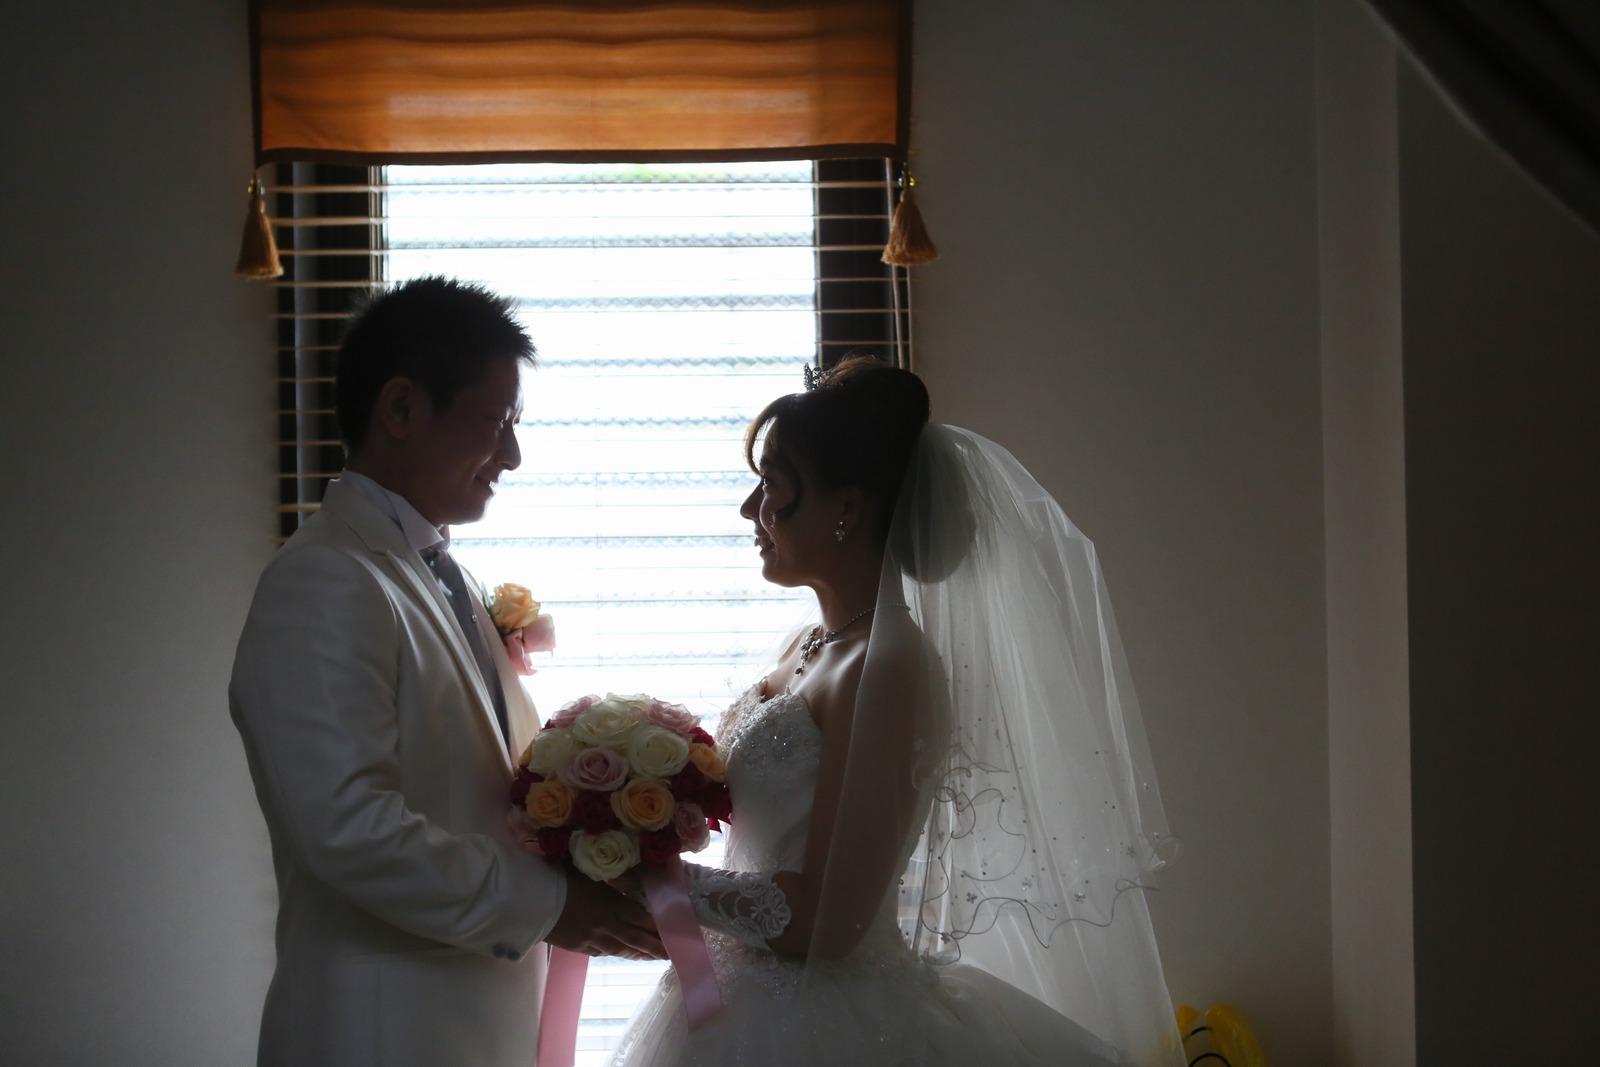 高松市の結婚式場アイルバレクラブの控室での光が差し込む素敵なショット